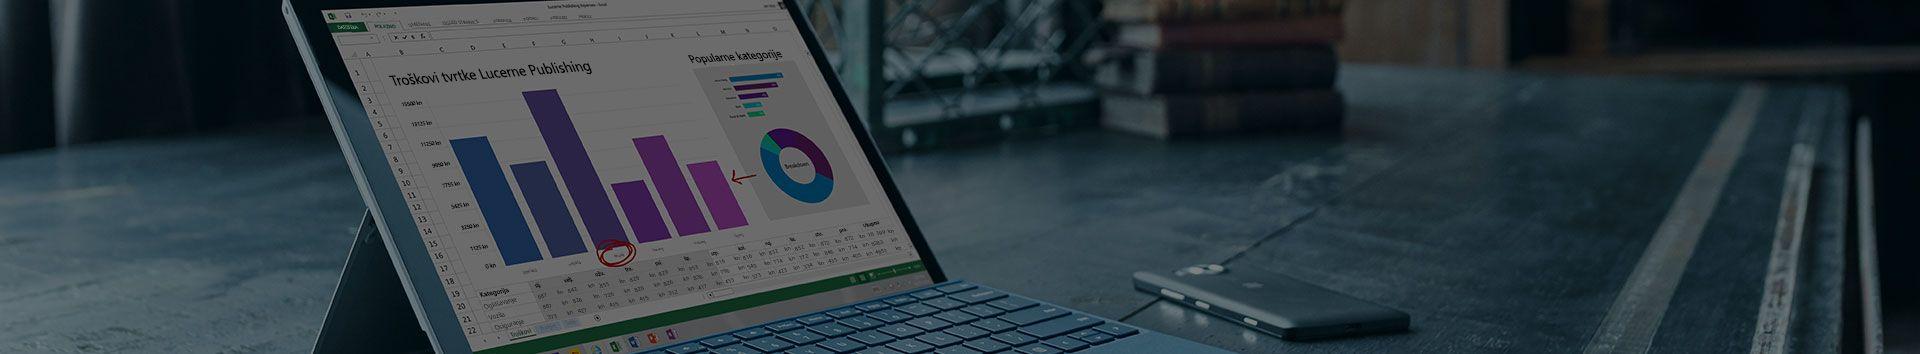 Tablet Microsoft Surface s prikazanim izvješćem o troškovima u programu Microsoft Excel